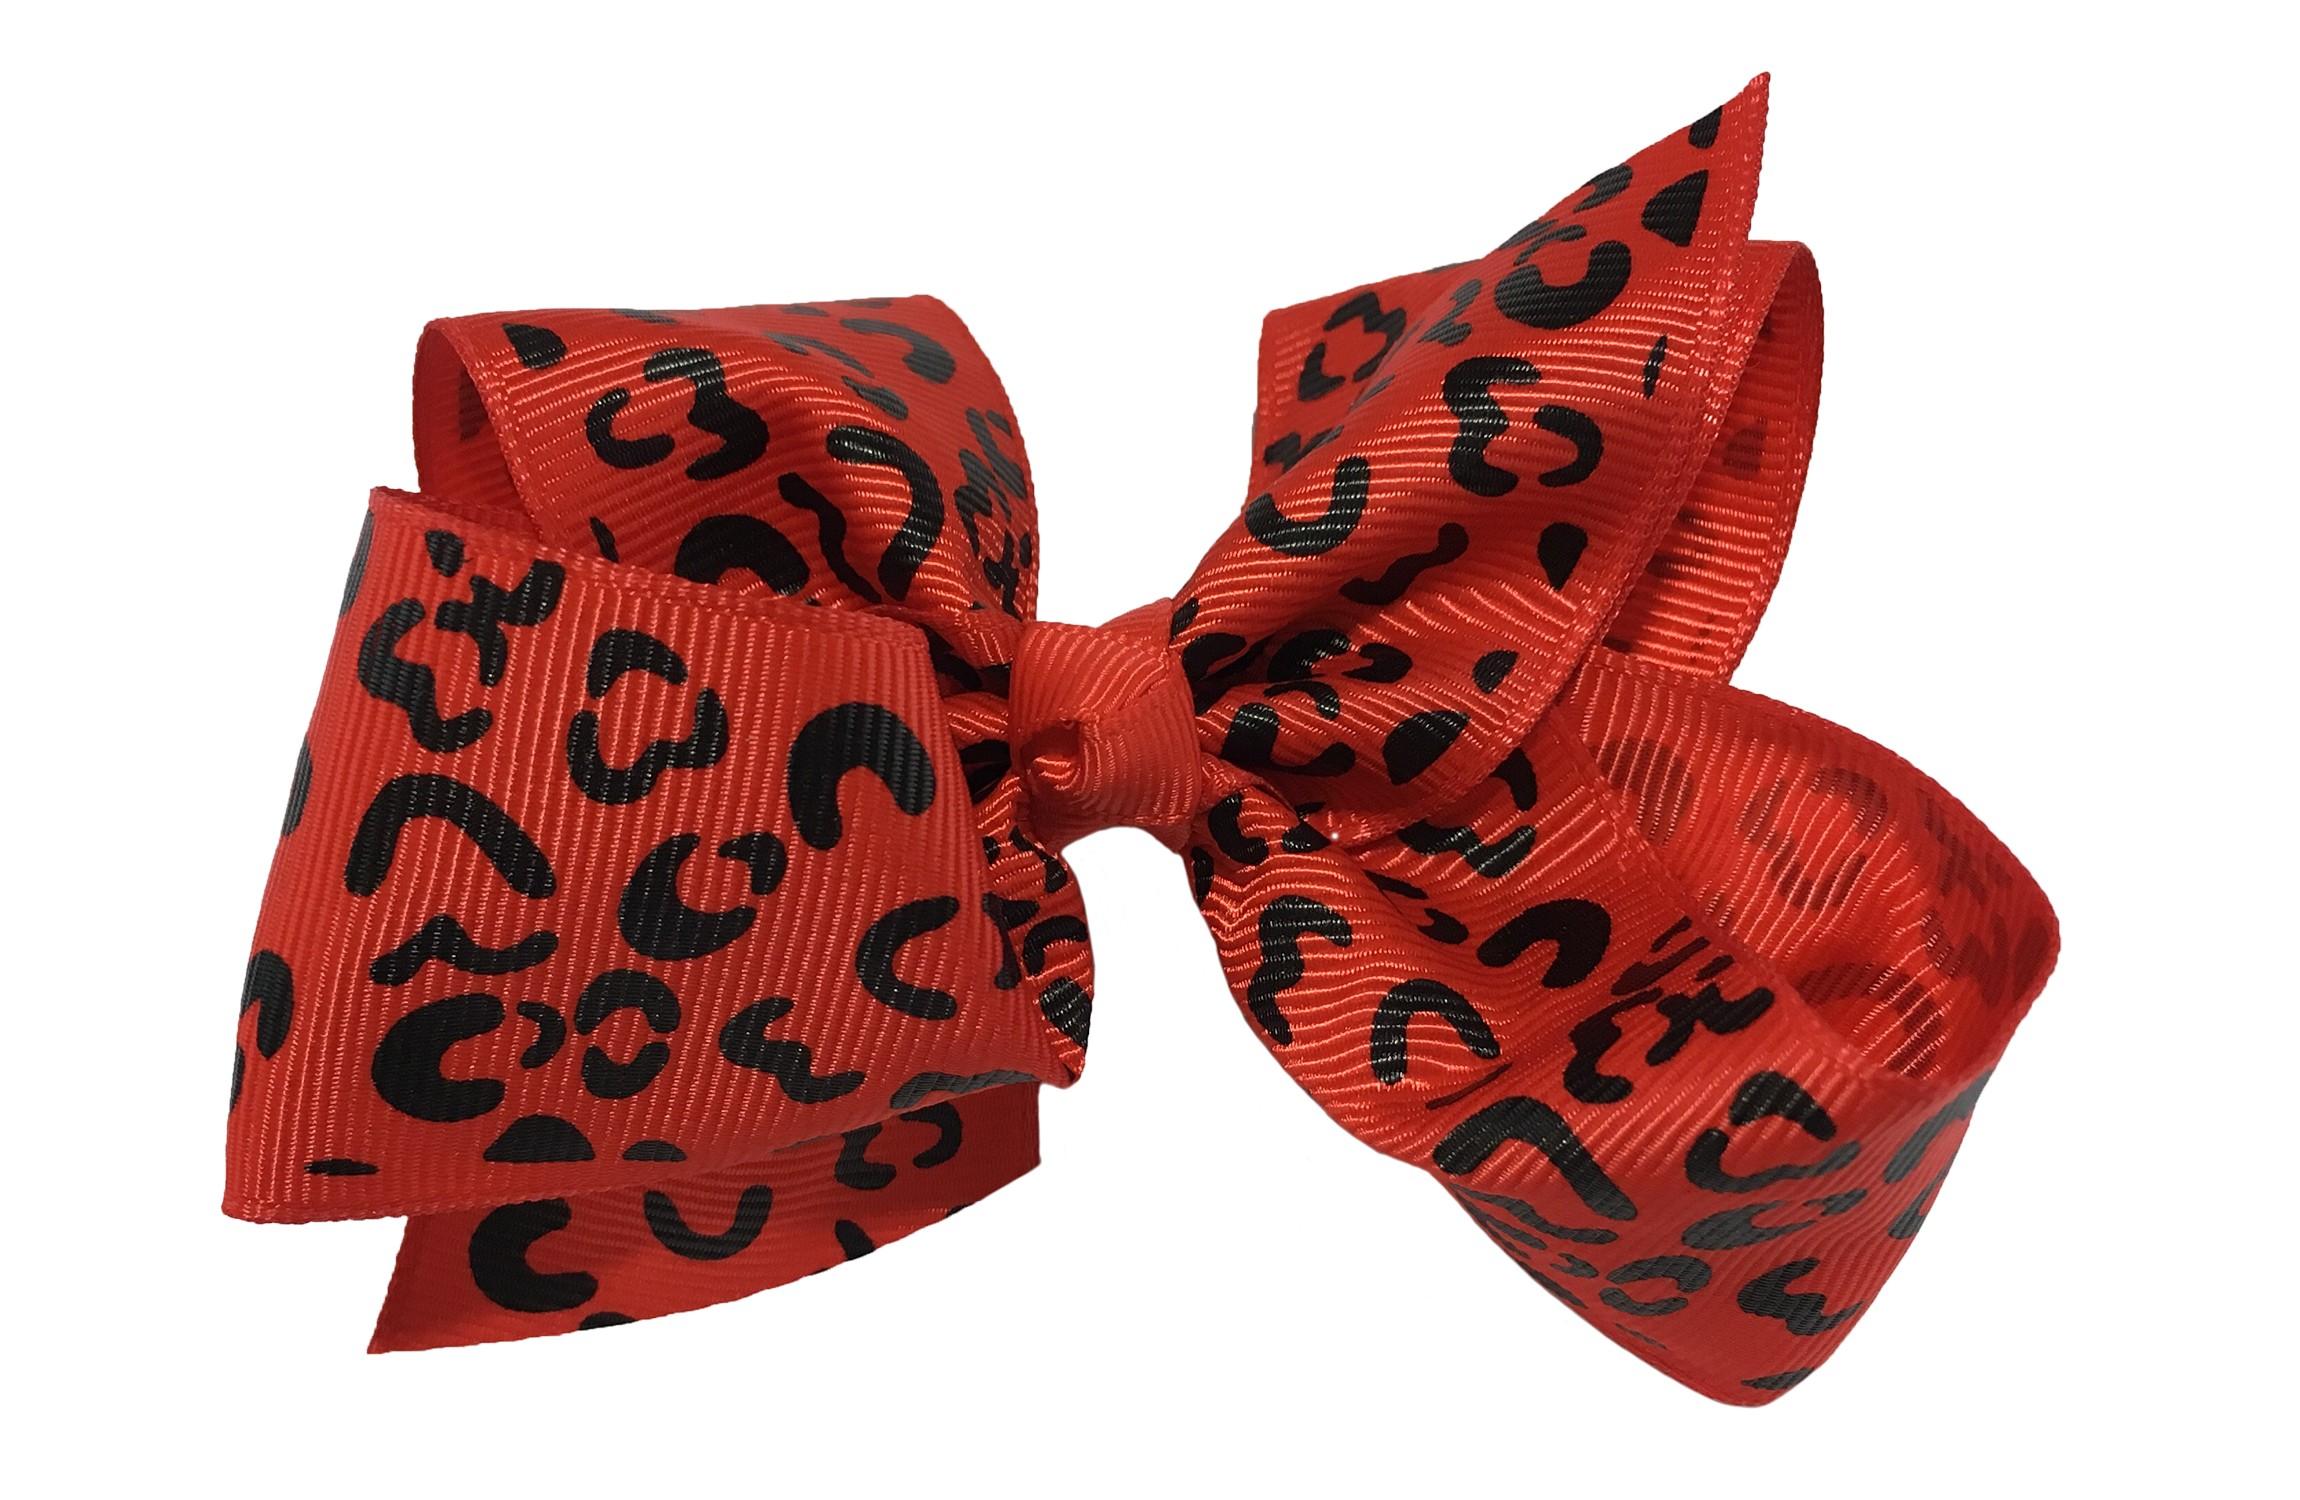 Leuke grote rode meisjes haarstrik van lint met zwart luipaardprintje Op een platte haarknip van 4.5 centimeter bekleed met rood lint. De strik heeft een afmeting van ongeveer 10 centimeter.